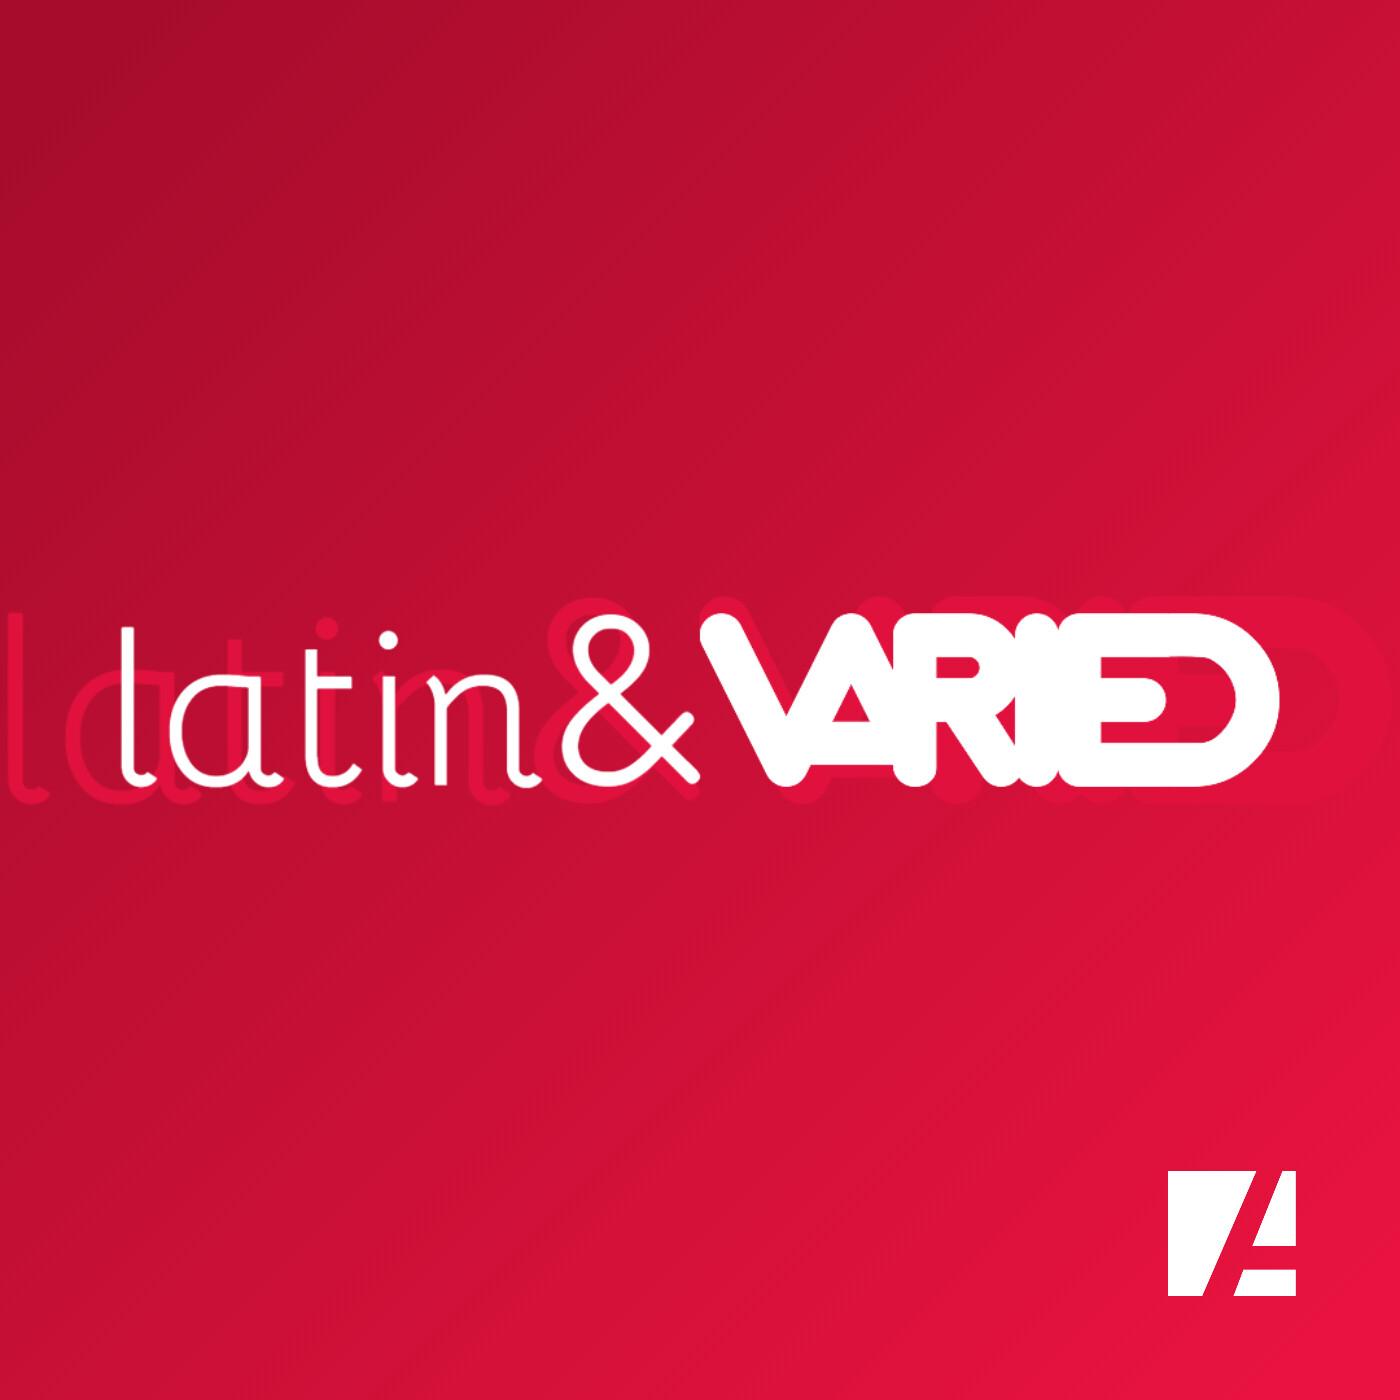 latin&VARIED 2020-10-20 20:00